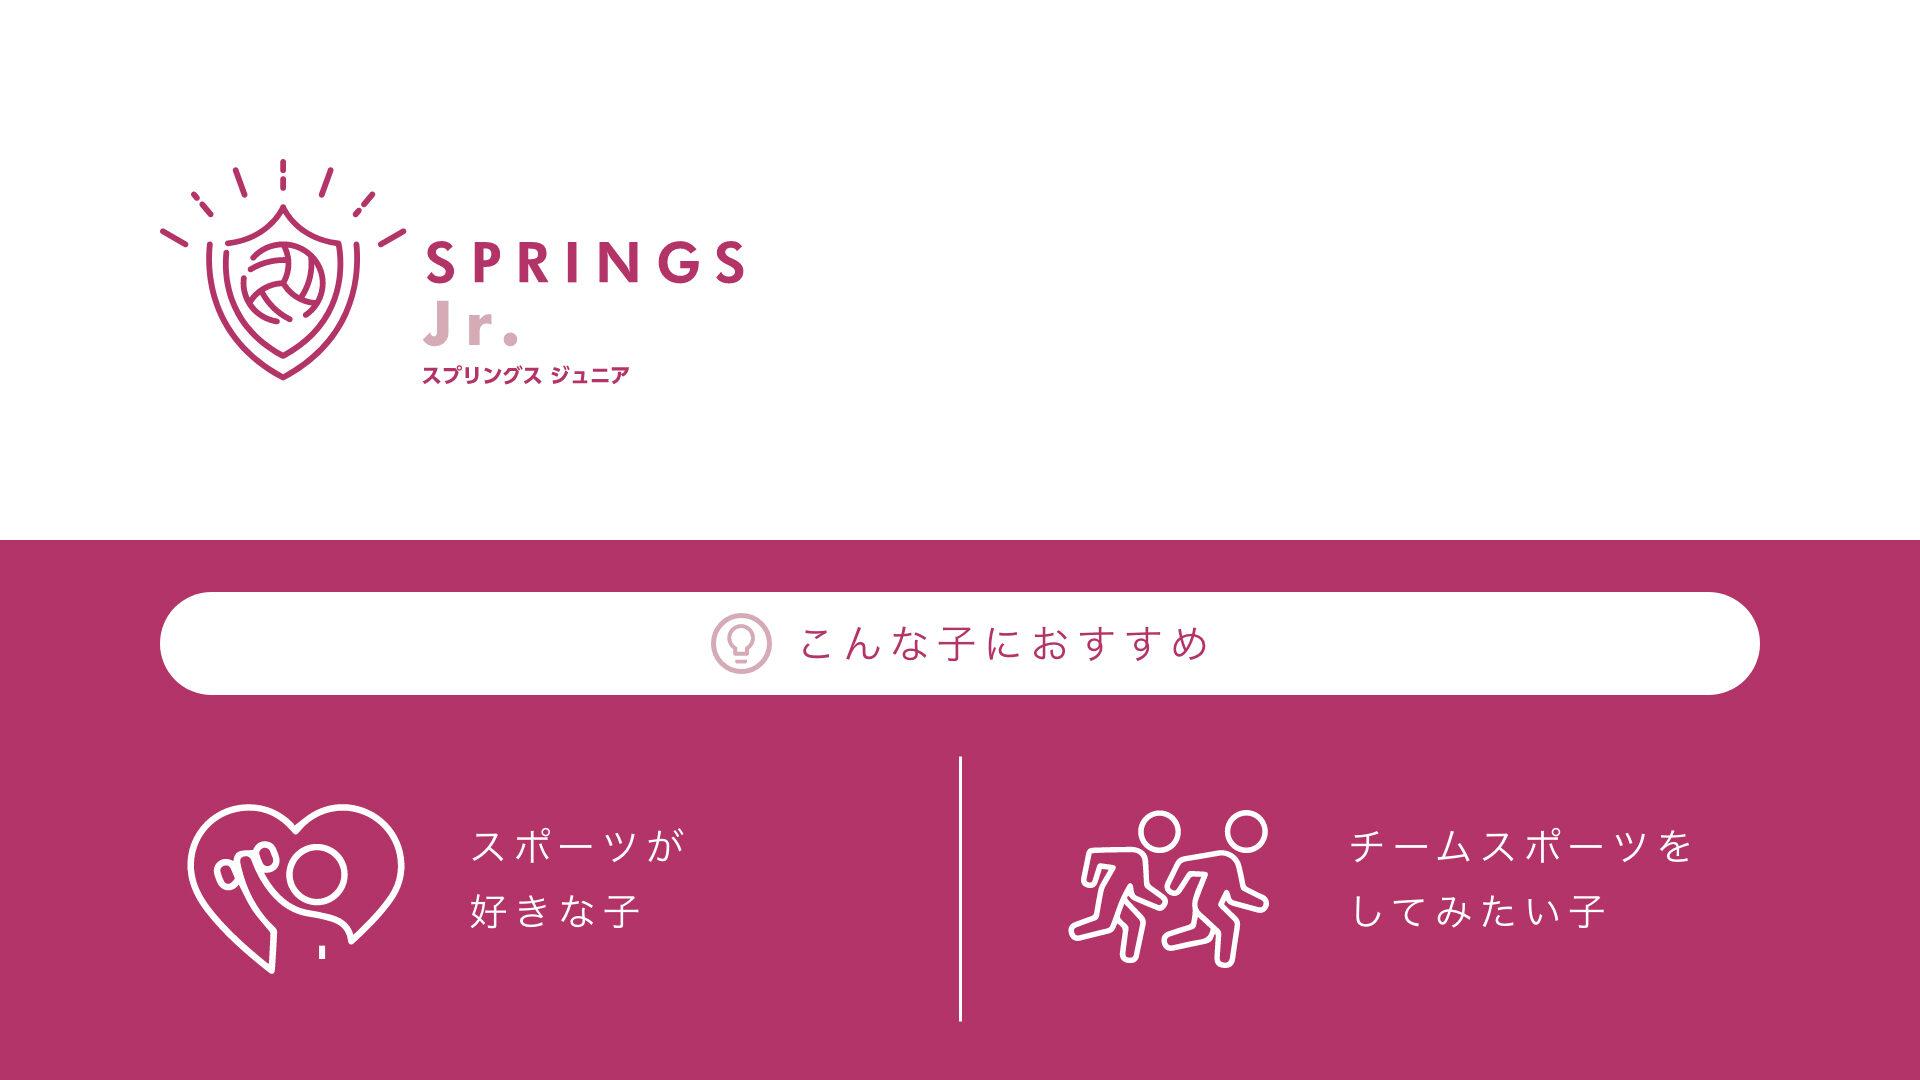 神戸スプリングス Jr